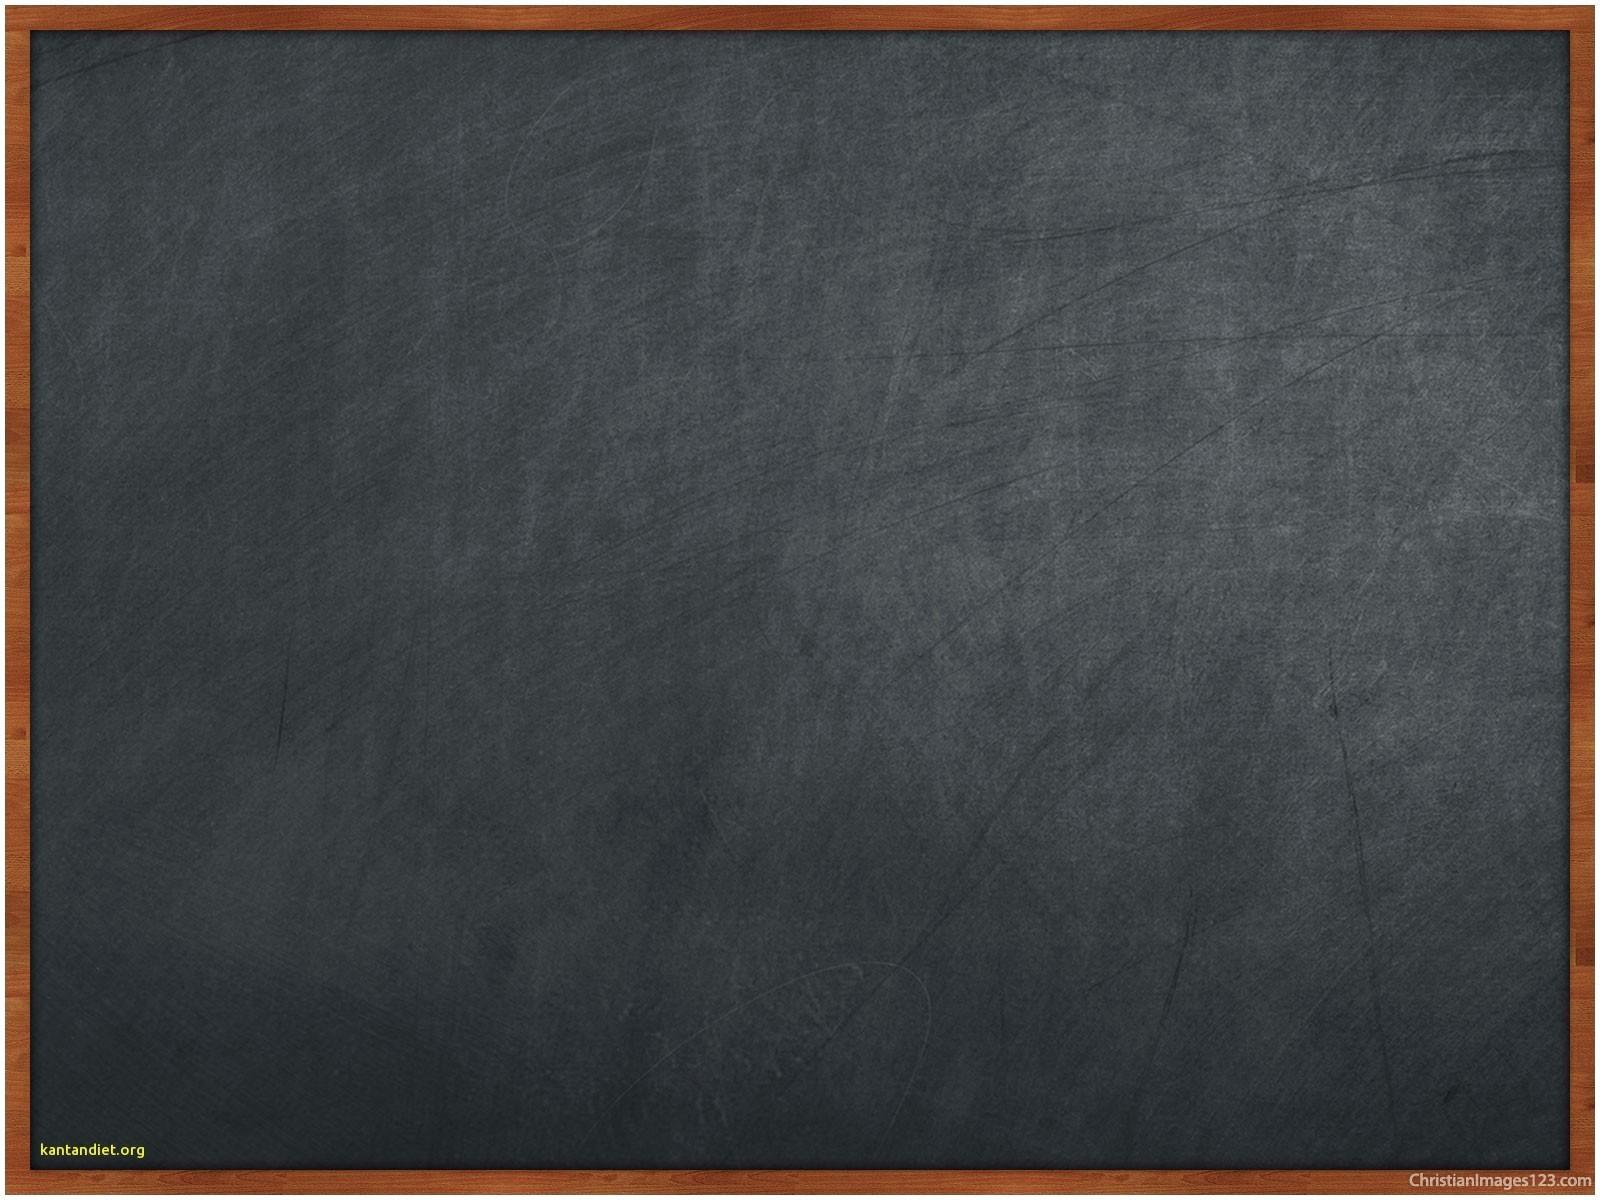 Chalkboard Powerpoint Template Free Download Fresh Chalkboard Ppt Template